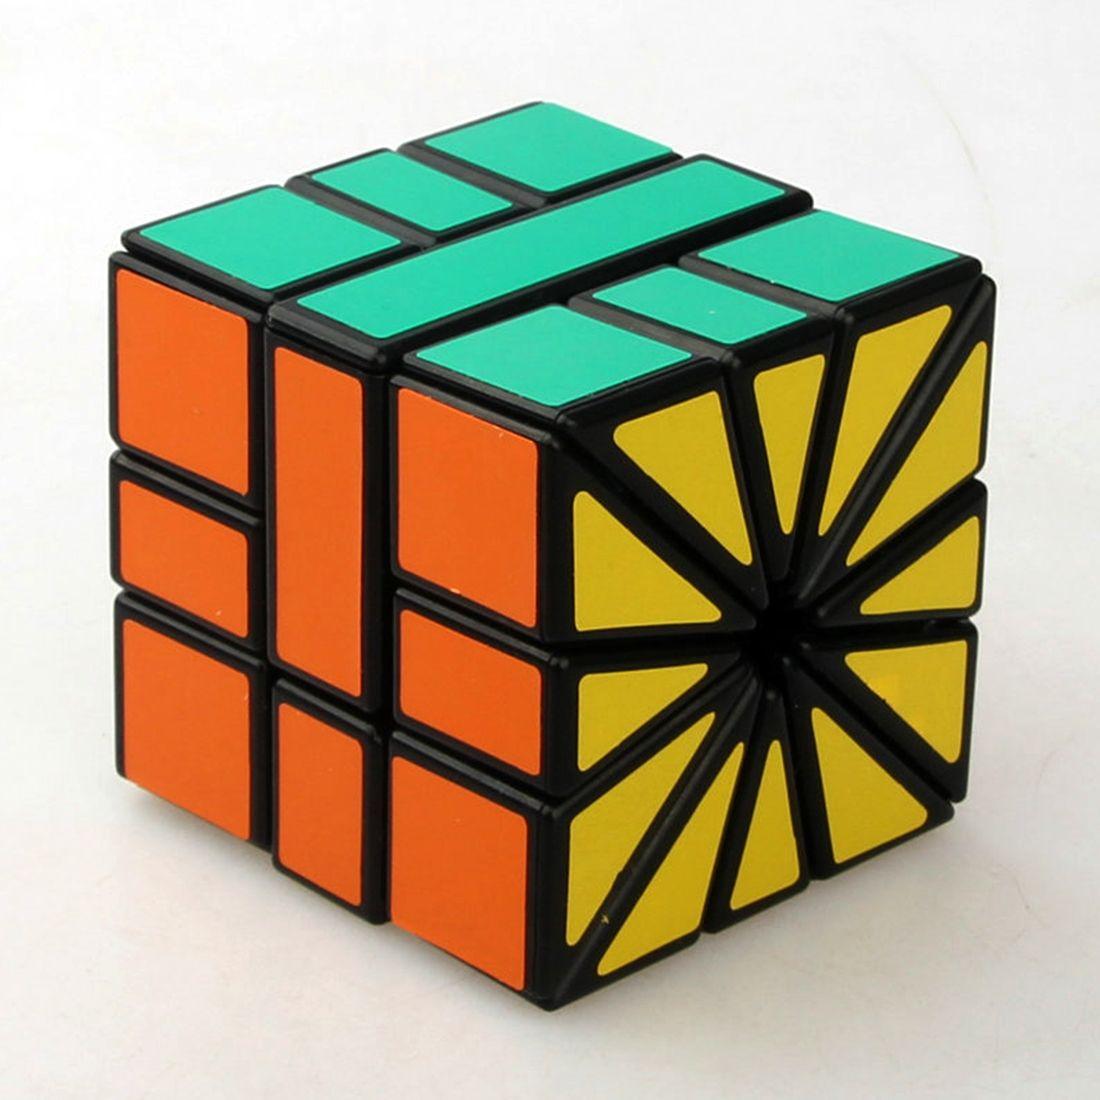 Квадратный II sq2 3x3x3 Скорость Cube сектора Magic Cube Puzzle игрушки-черный